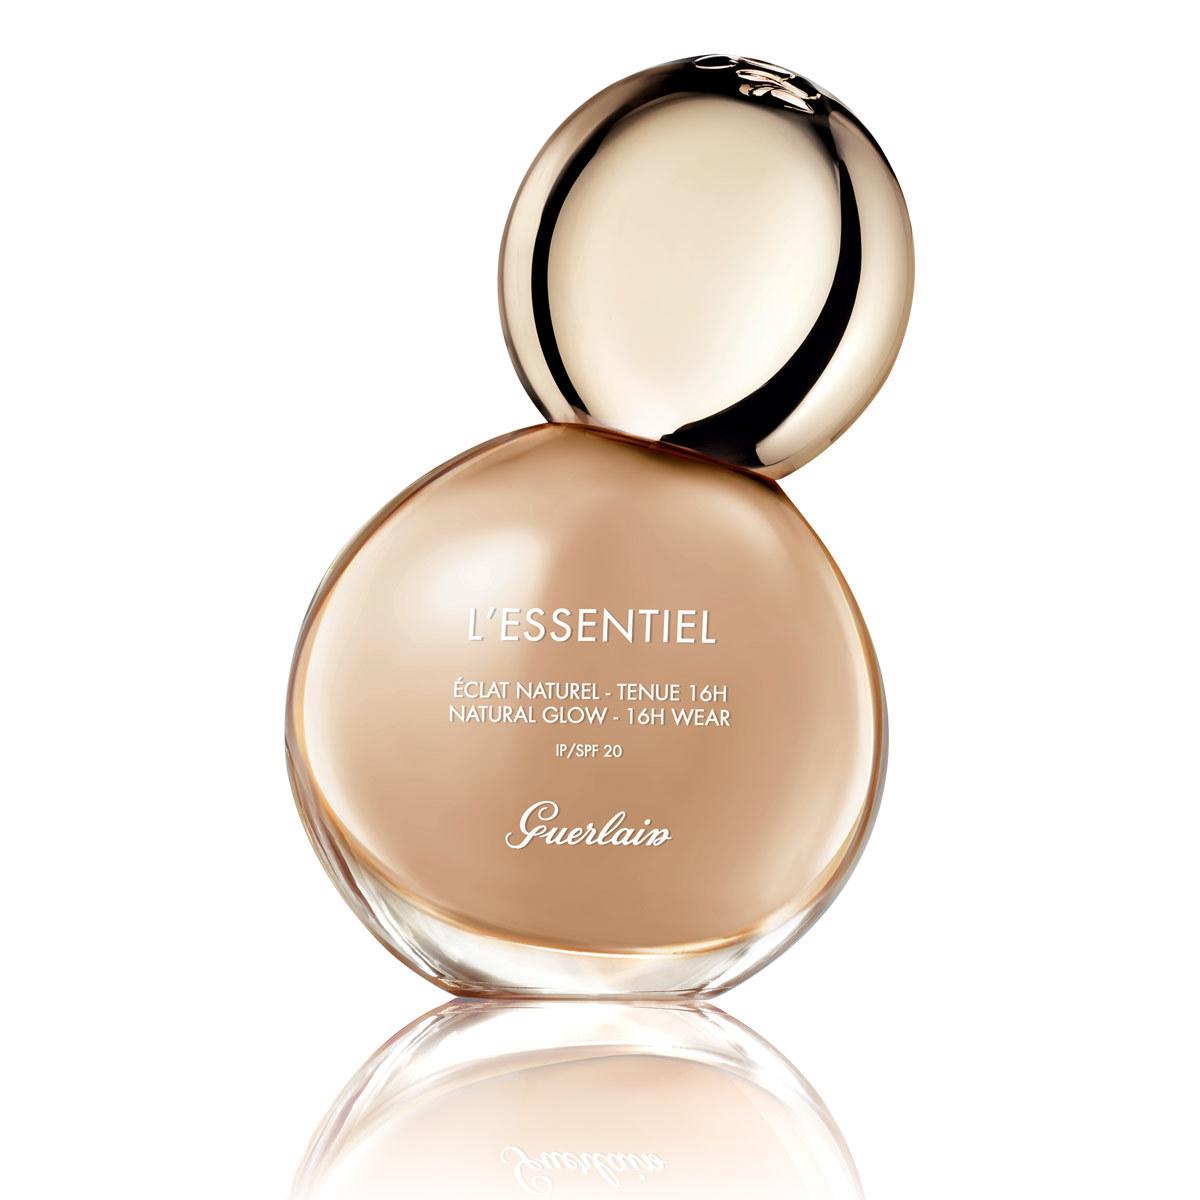 Base de maquillaje L'Essentiel SPF 20 de Guerlain.